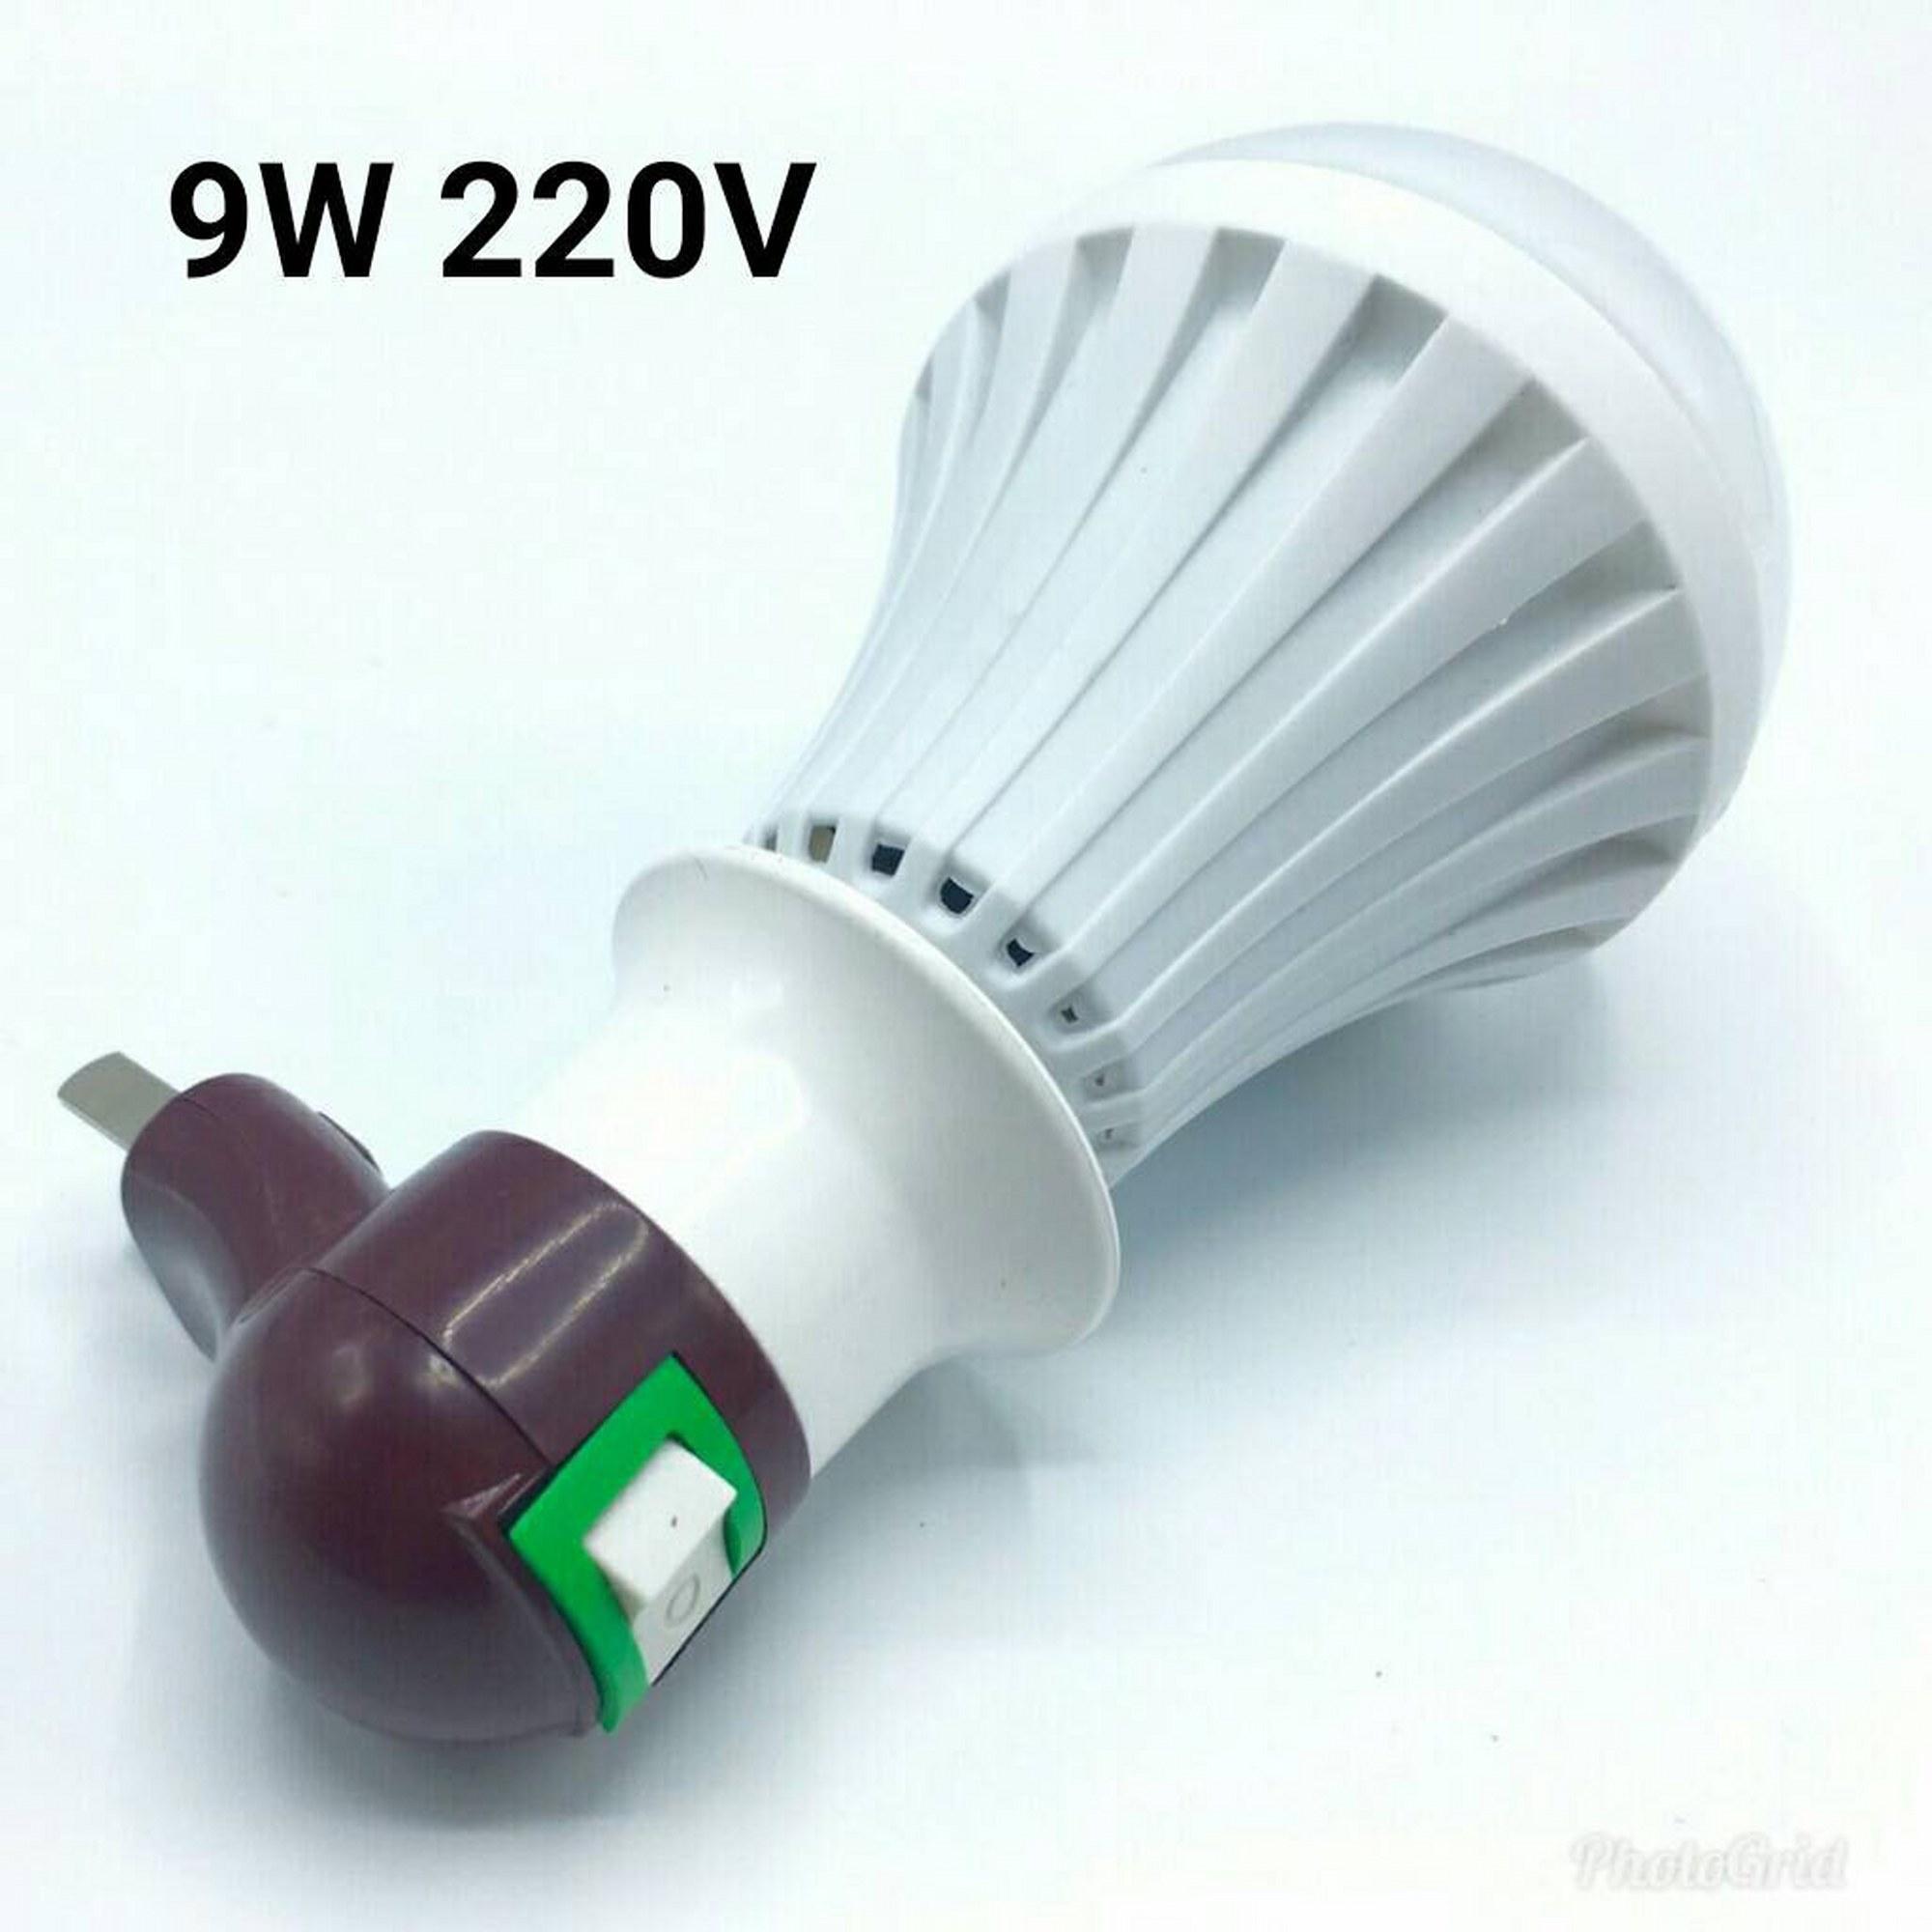 หลอดไฟอัจฉริยะฉุกเฉินแบตเตอรี่ในตัว(กันน้ำ) LED 9W 220V ( + สวิตช์โคมไฟติดผนังแบบติดผนัง)